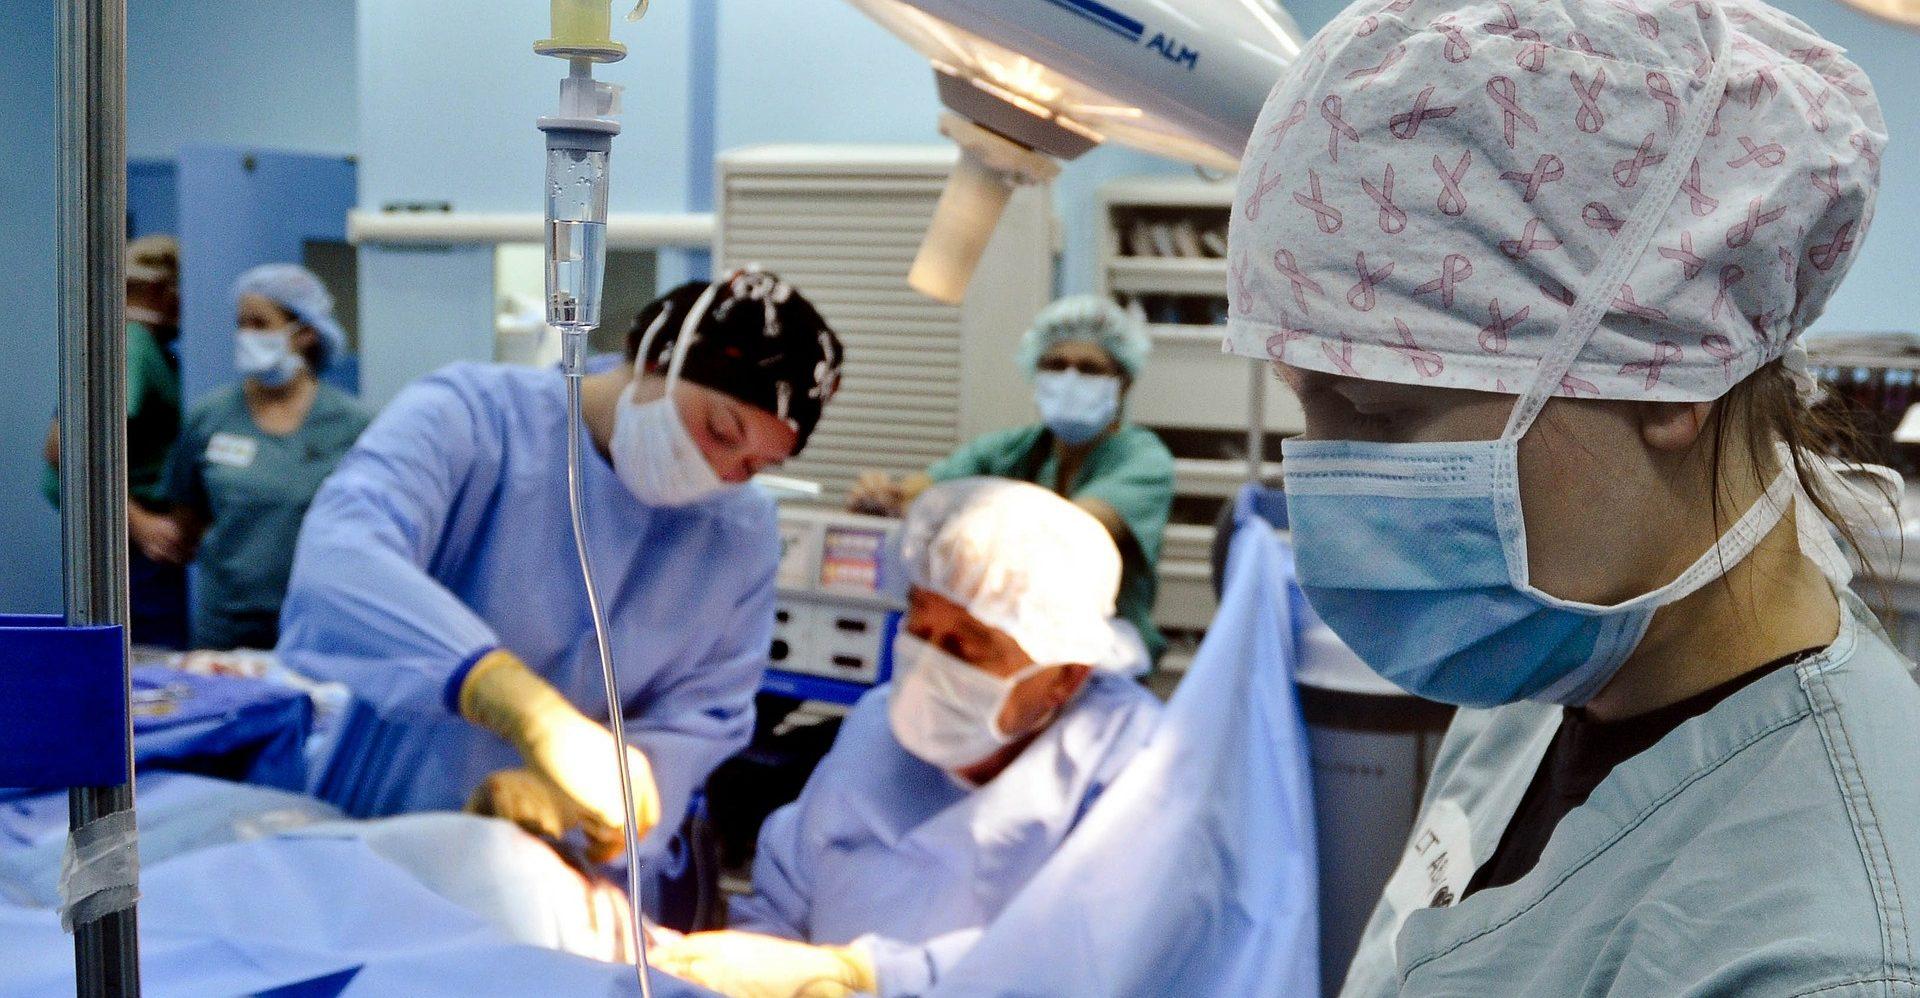 Enfermos terminales podrían tener una muerte digna si se aprueba legislación